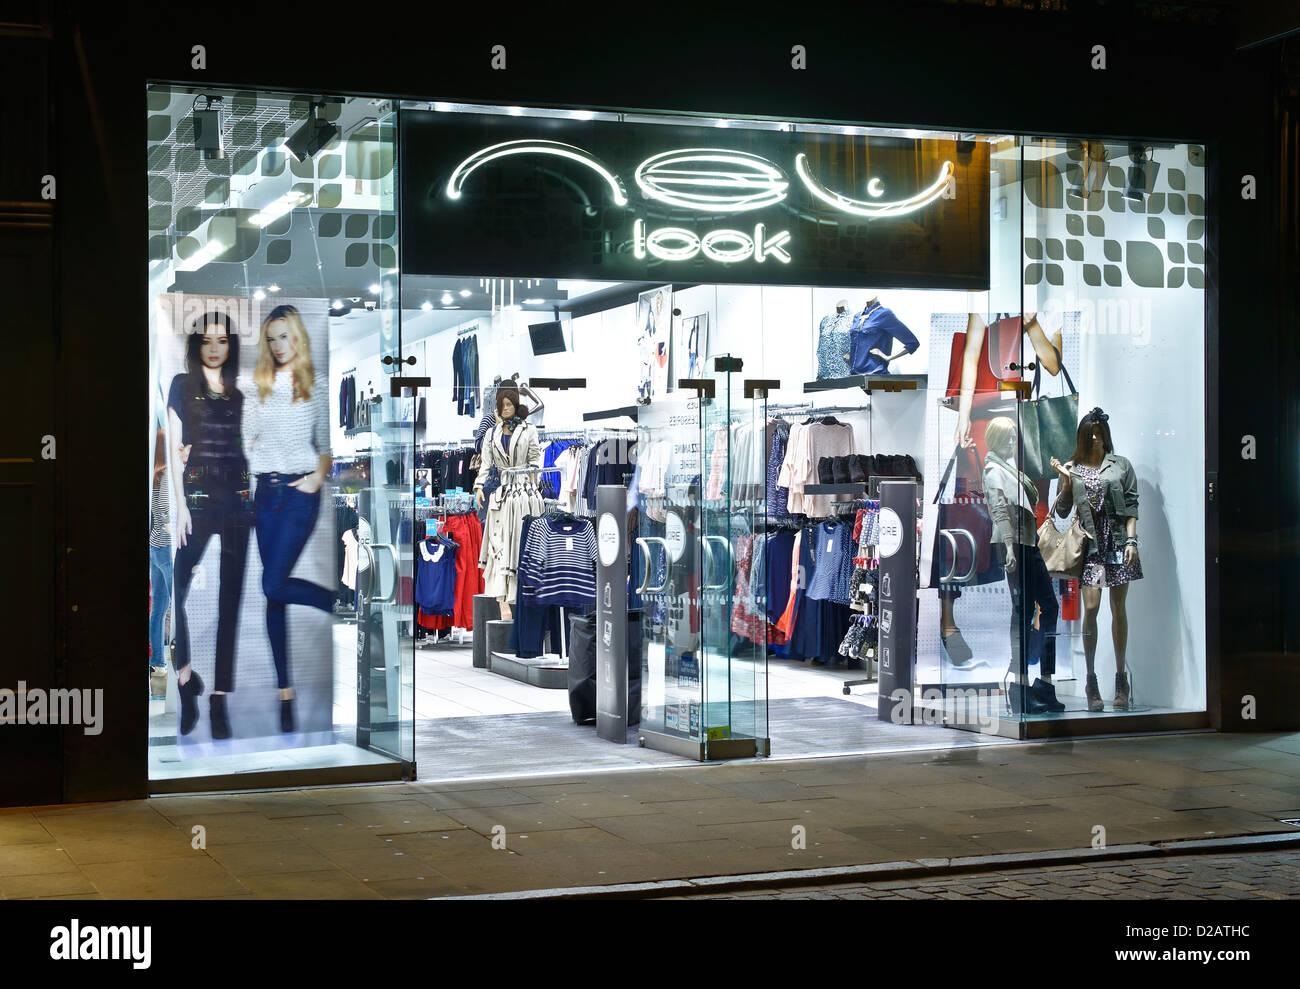 Détaillant de mode new look shop/ Photo Stock